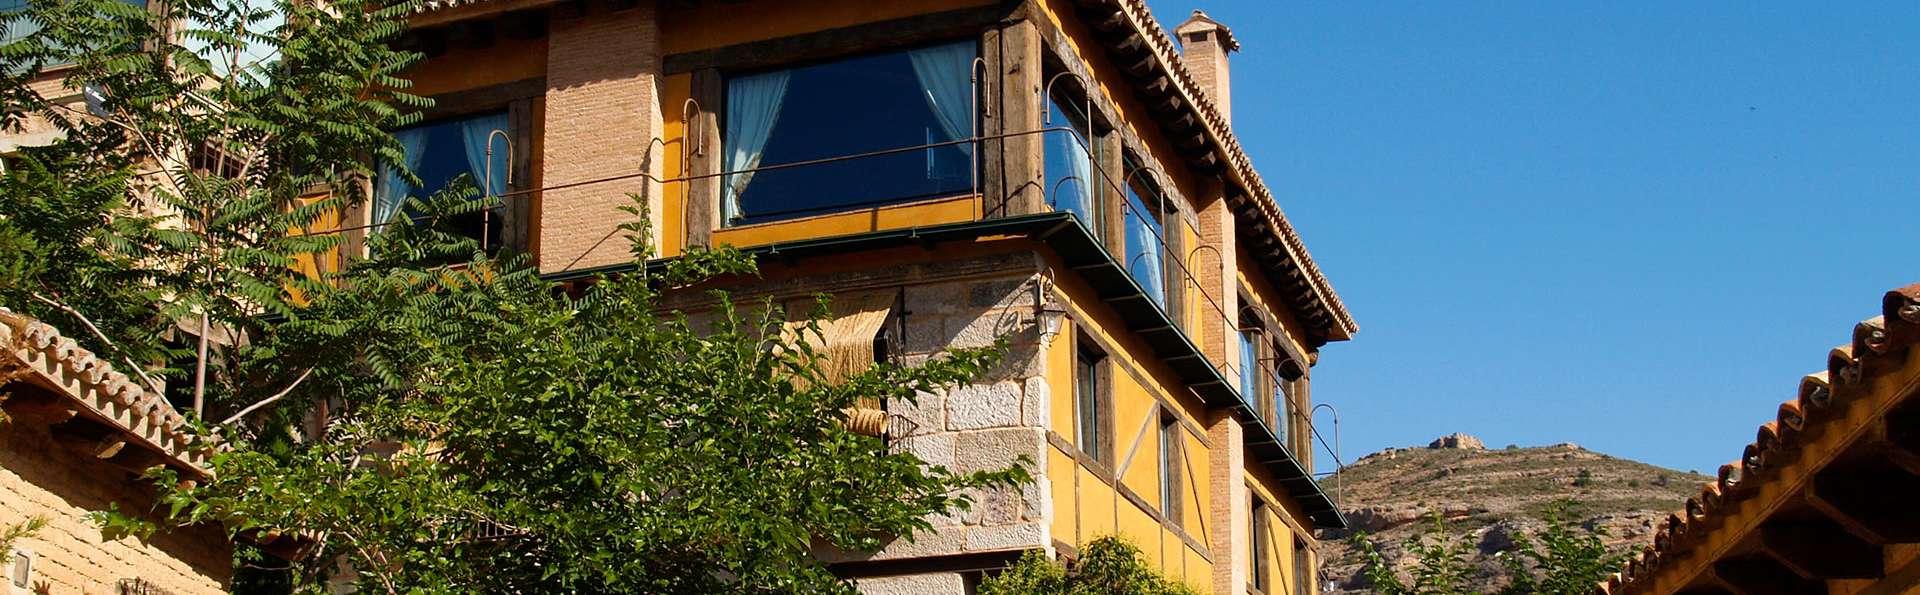 Hotel Rural Castillo de Somaén - edit_front822e43.jpg